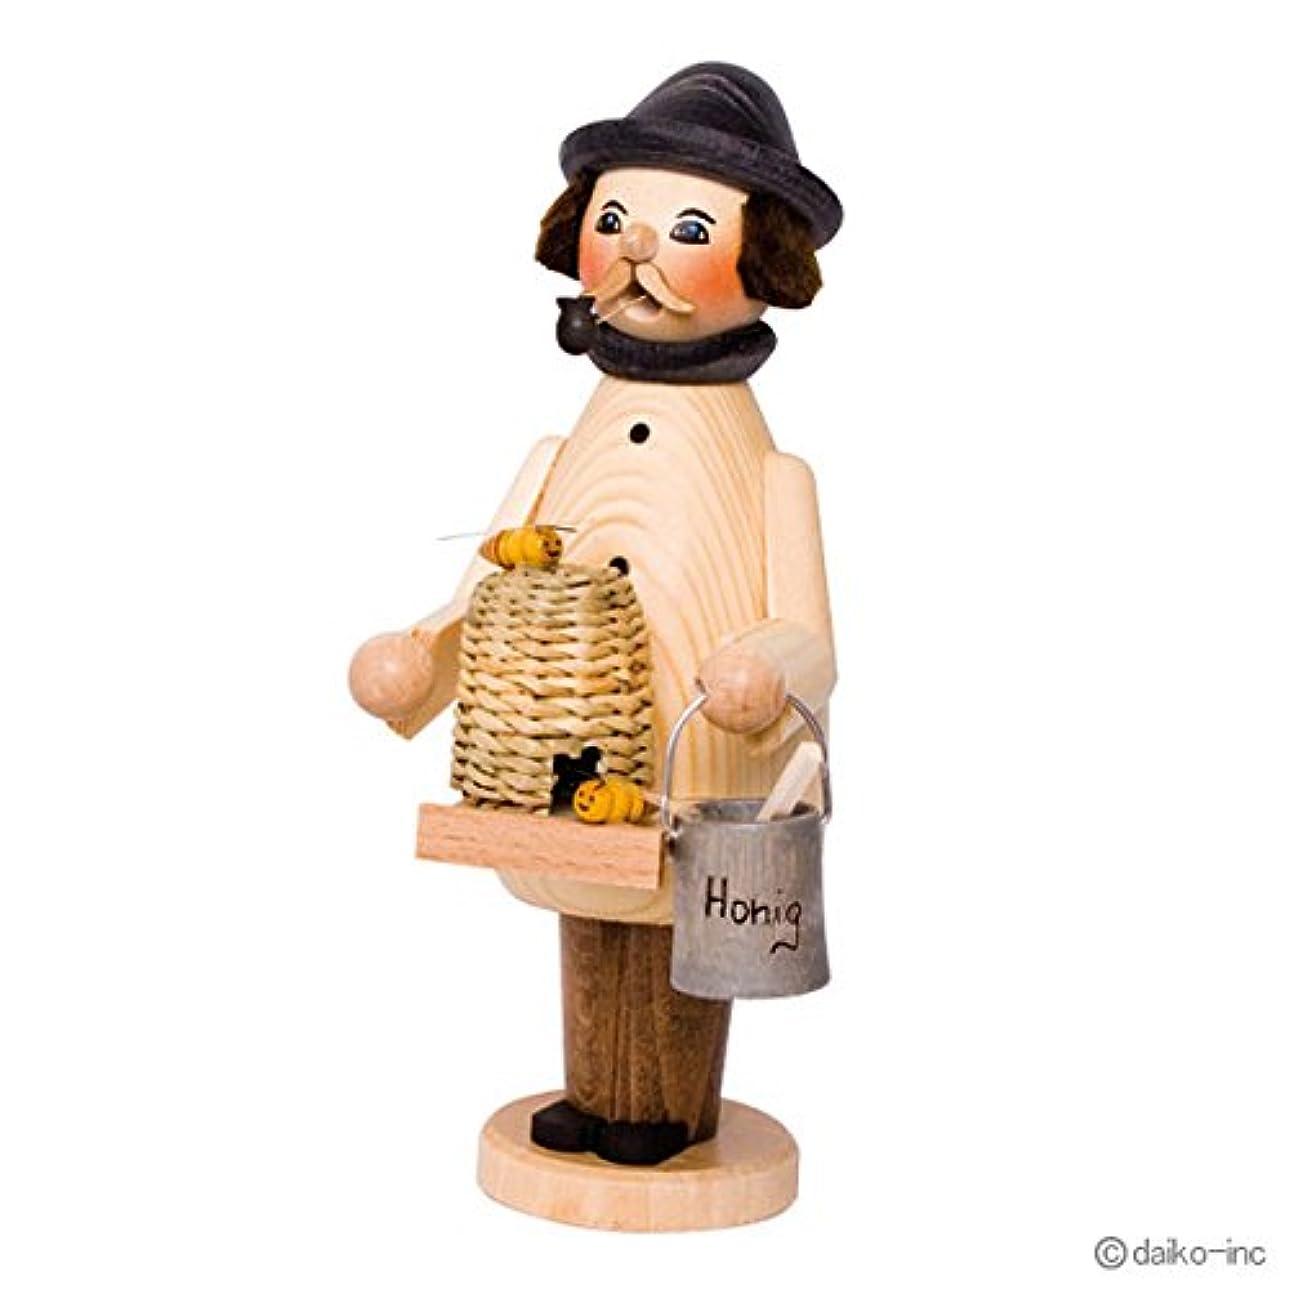 ハイランドネズミ靄kuhnert ミニパイプ人形香炉 養蜂家